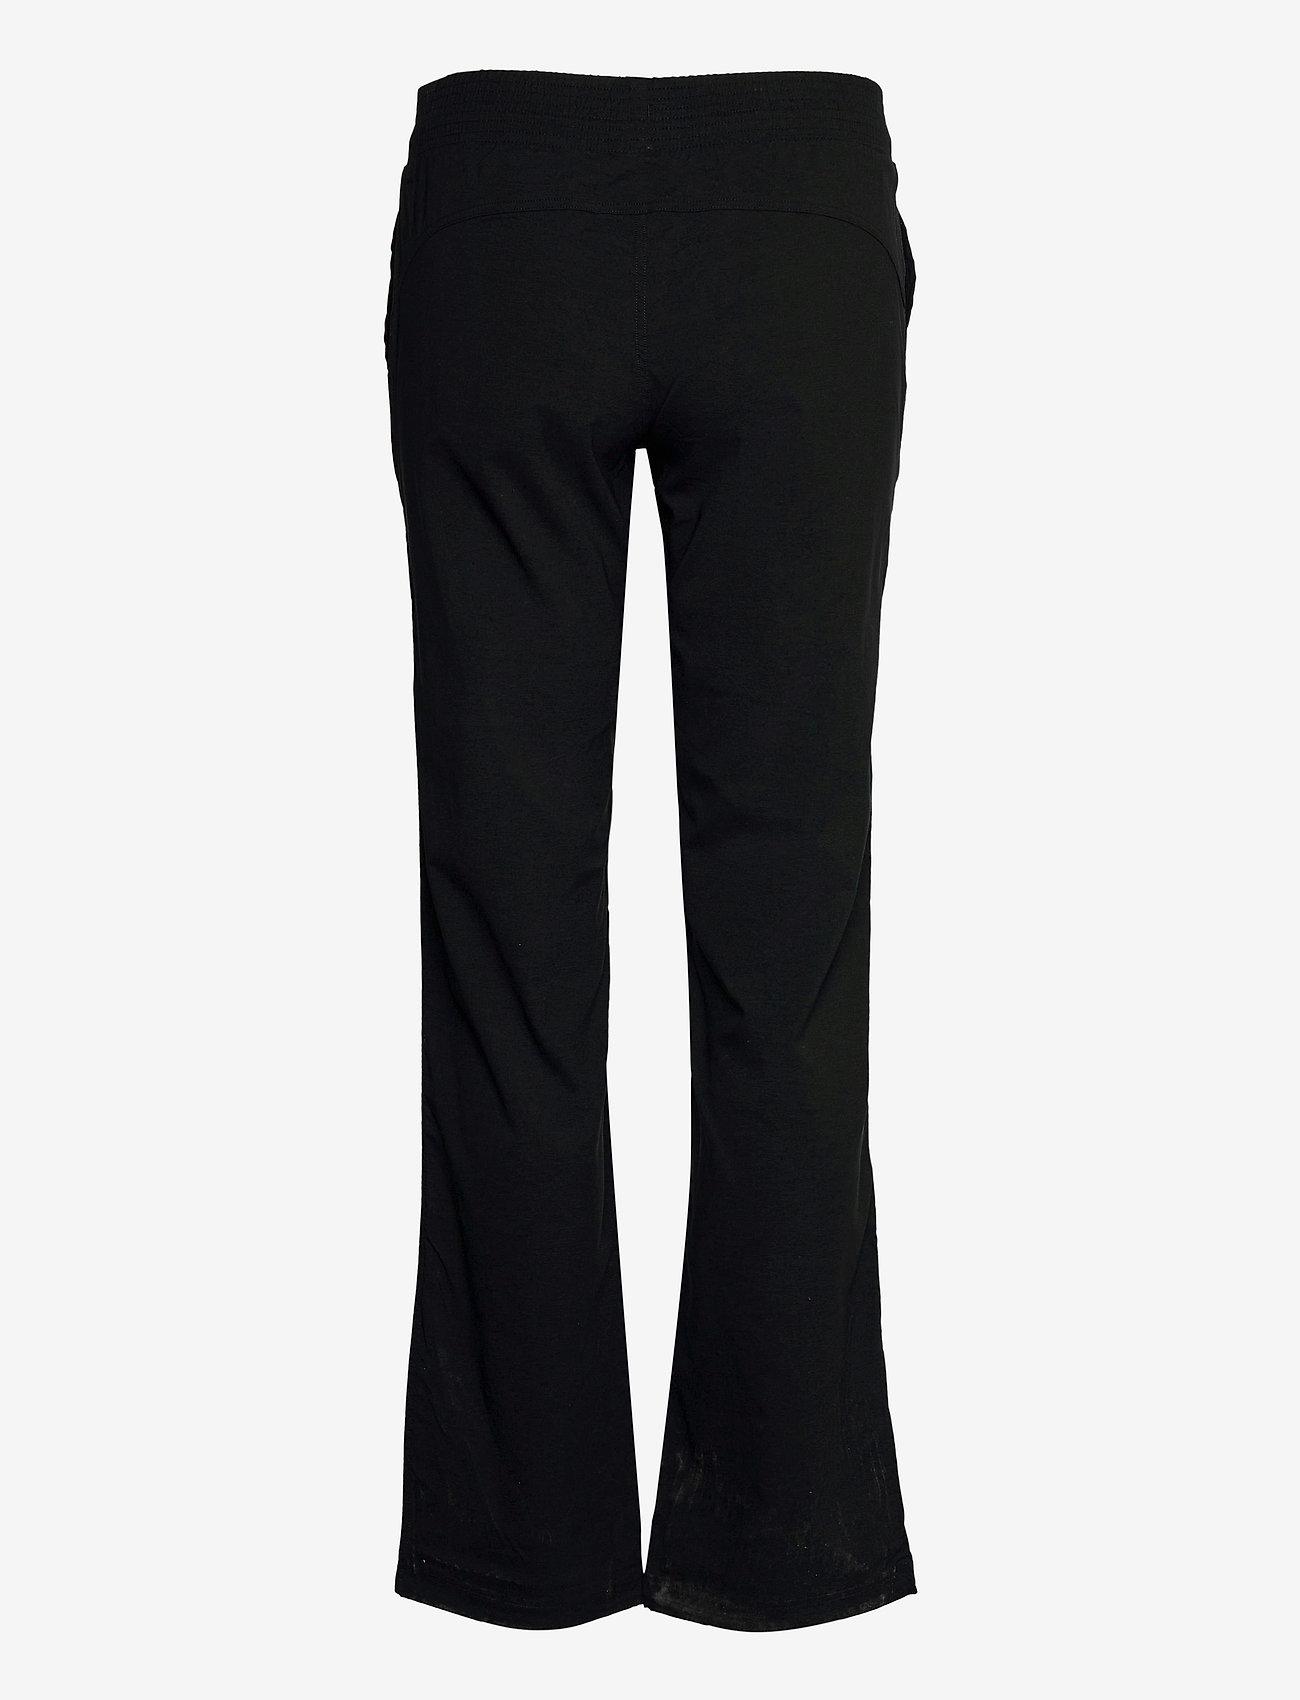 Casall - Essential Flex pants - sportbroeken - black - 1